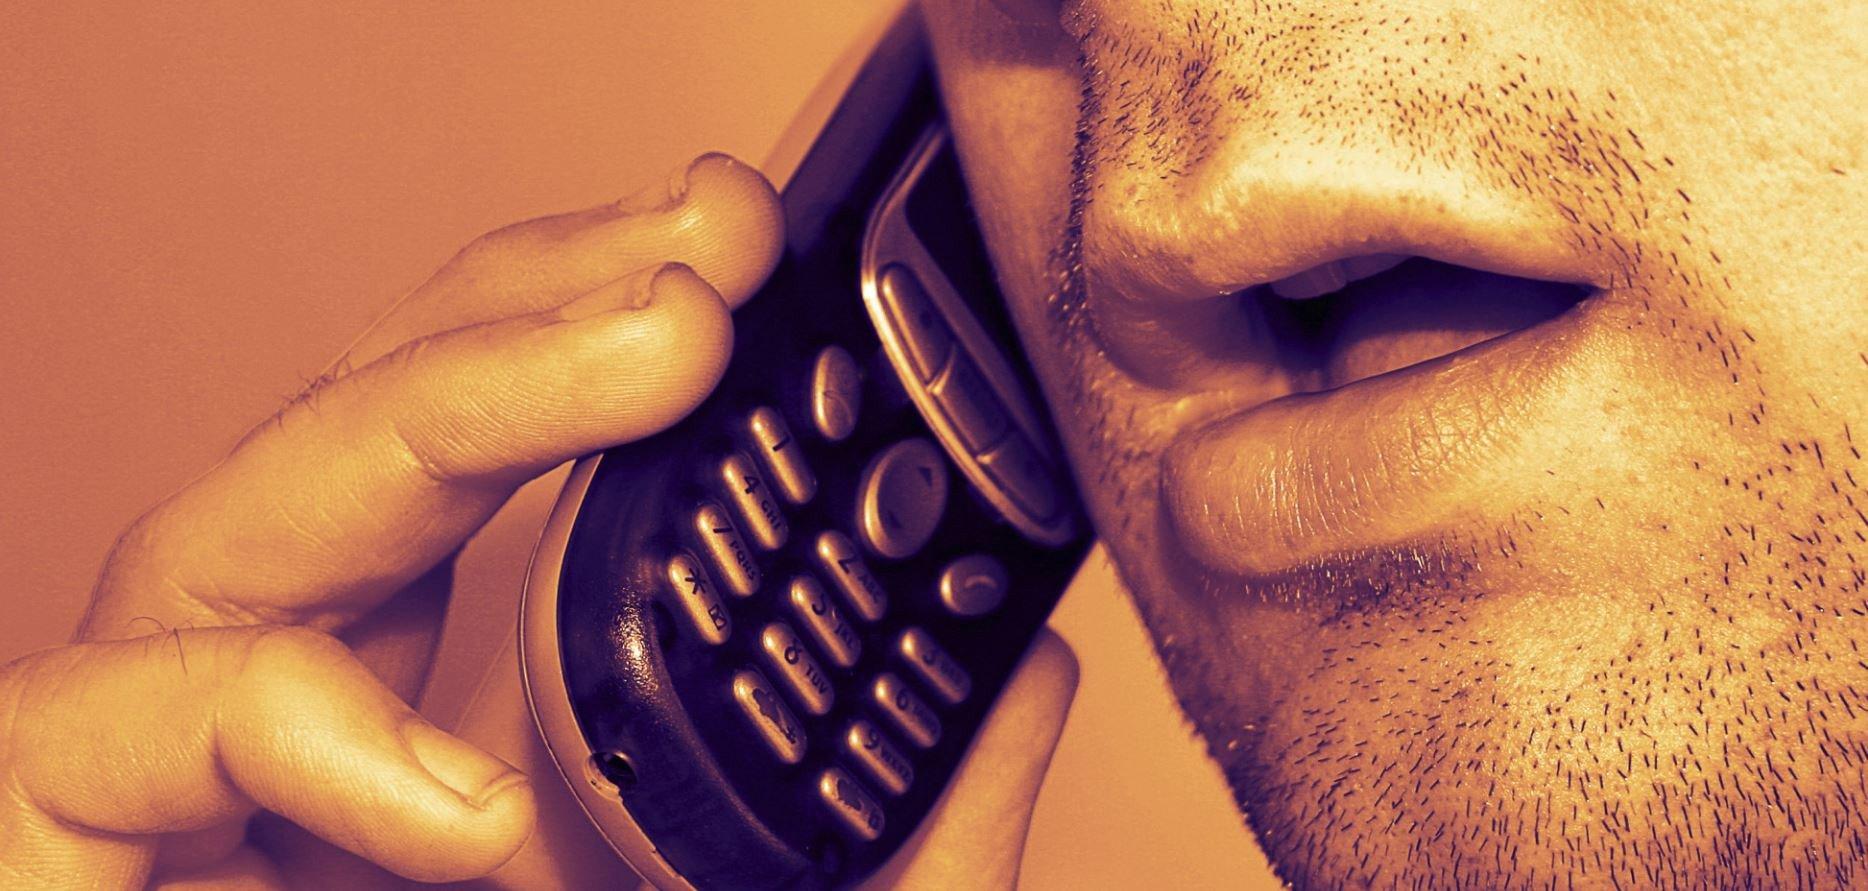 картинки для телефона звонит мужу на мобильник человека связано его